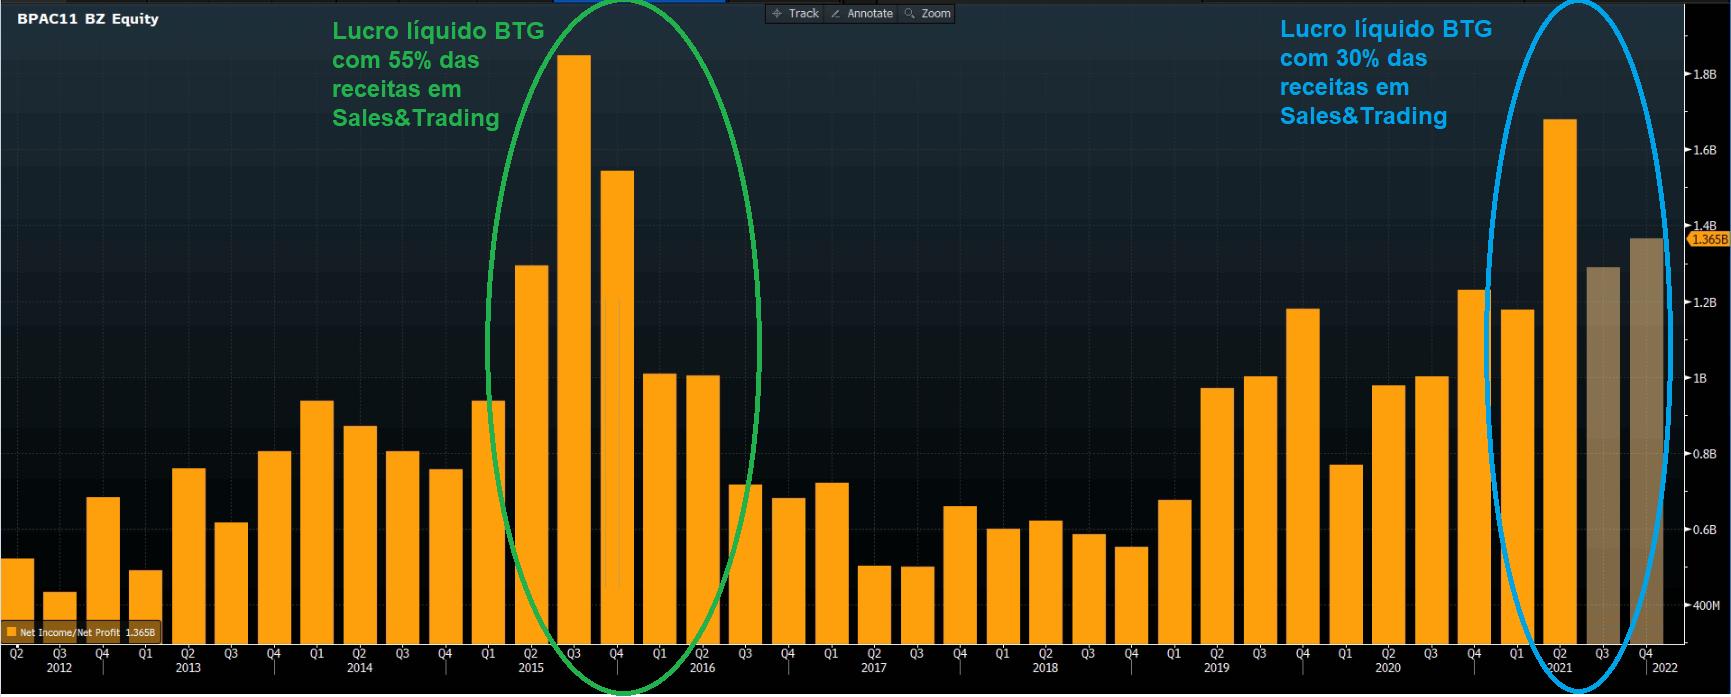 Gráfico apresenta histórico de lucro líquido BTG Pactual. Colunas opacas – expectativas dos resultados para 3T21 e 4T21.